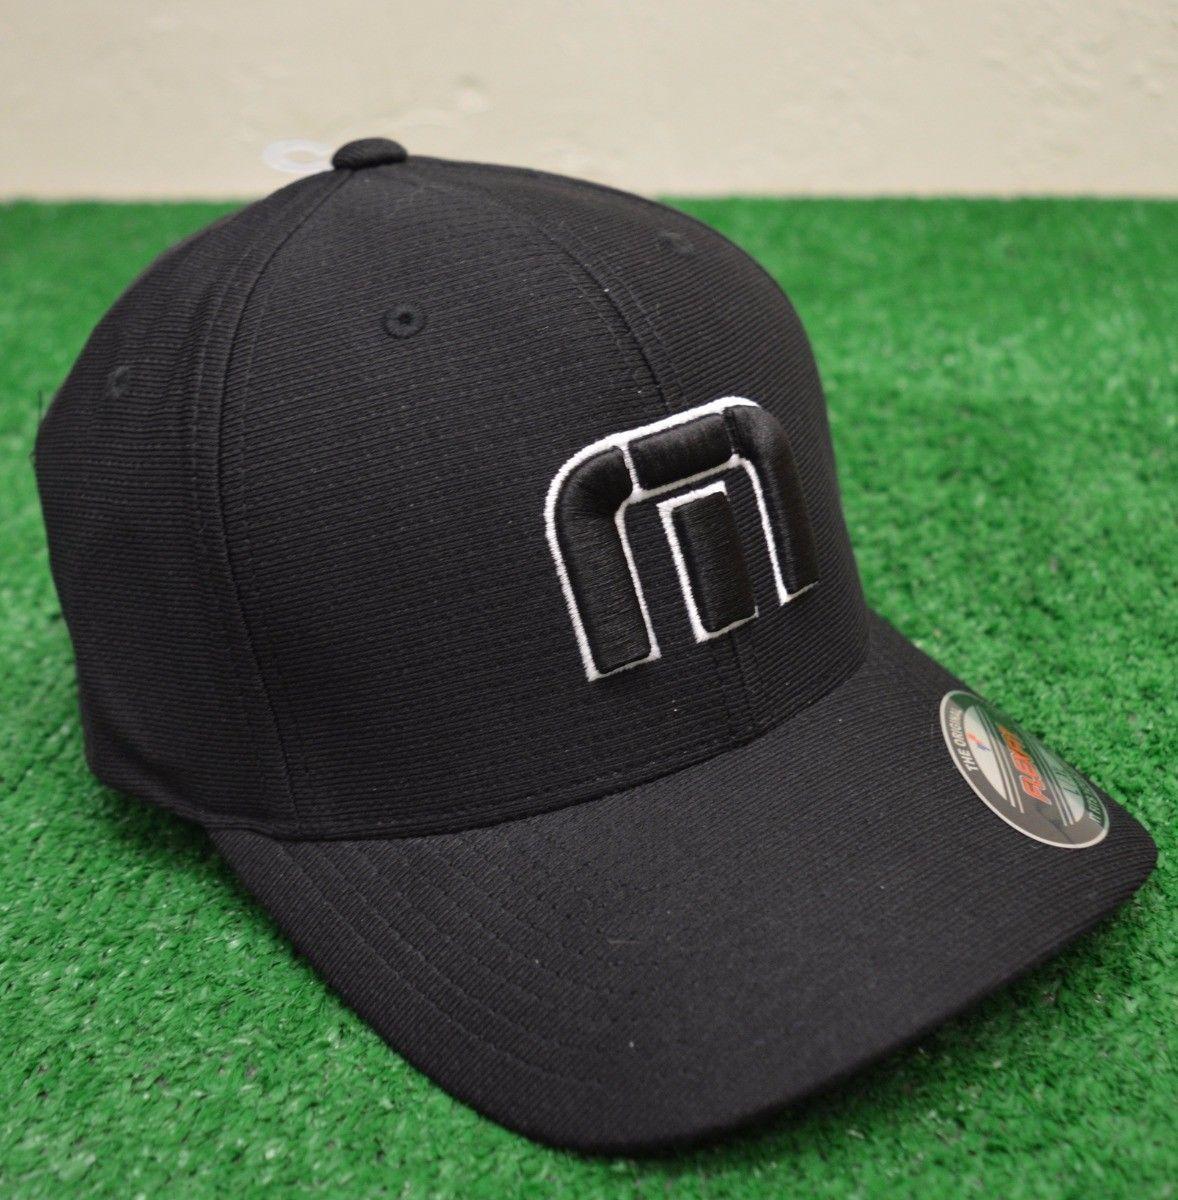 Travis Mathew B-Bahamas Fitted Golf Hat - Black - L XL   ChoosingTheRightGolfEquipment 20f0aaf80298